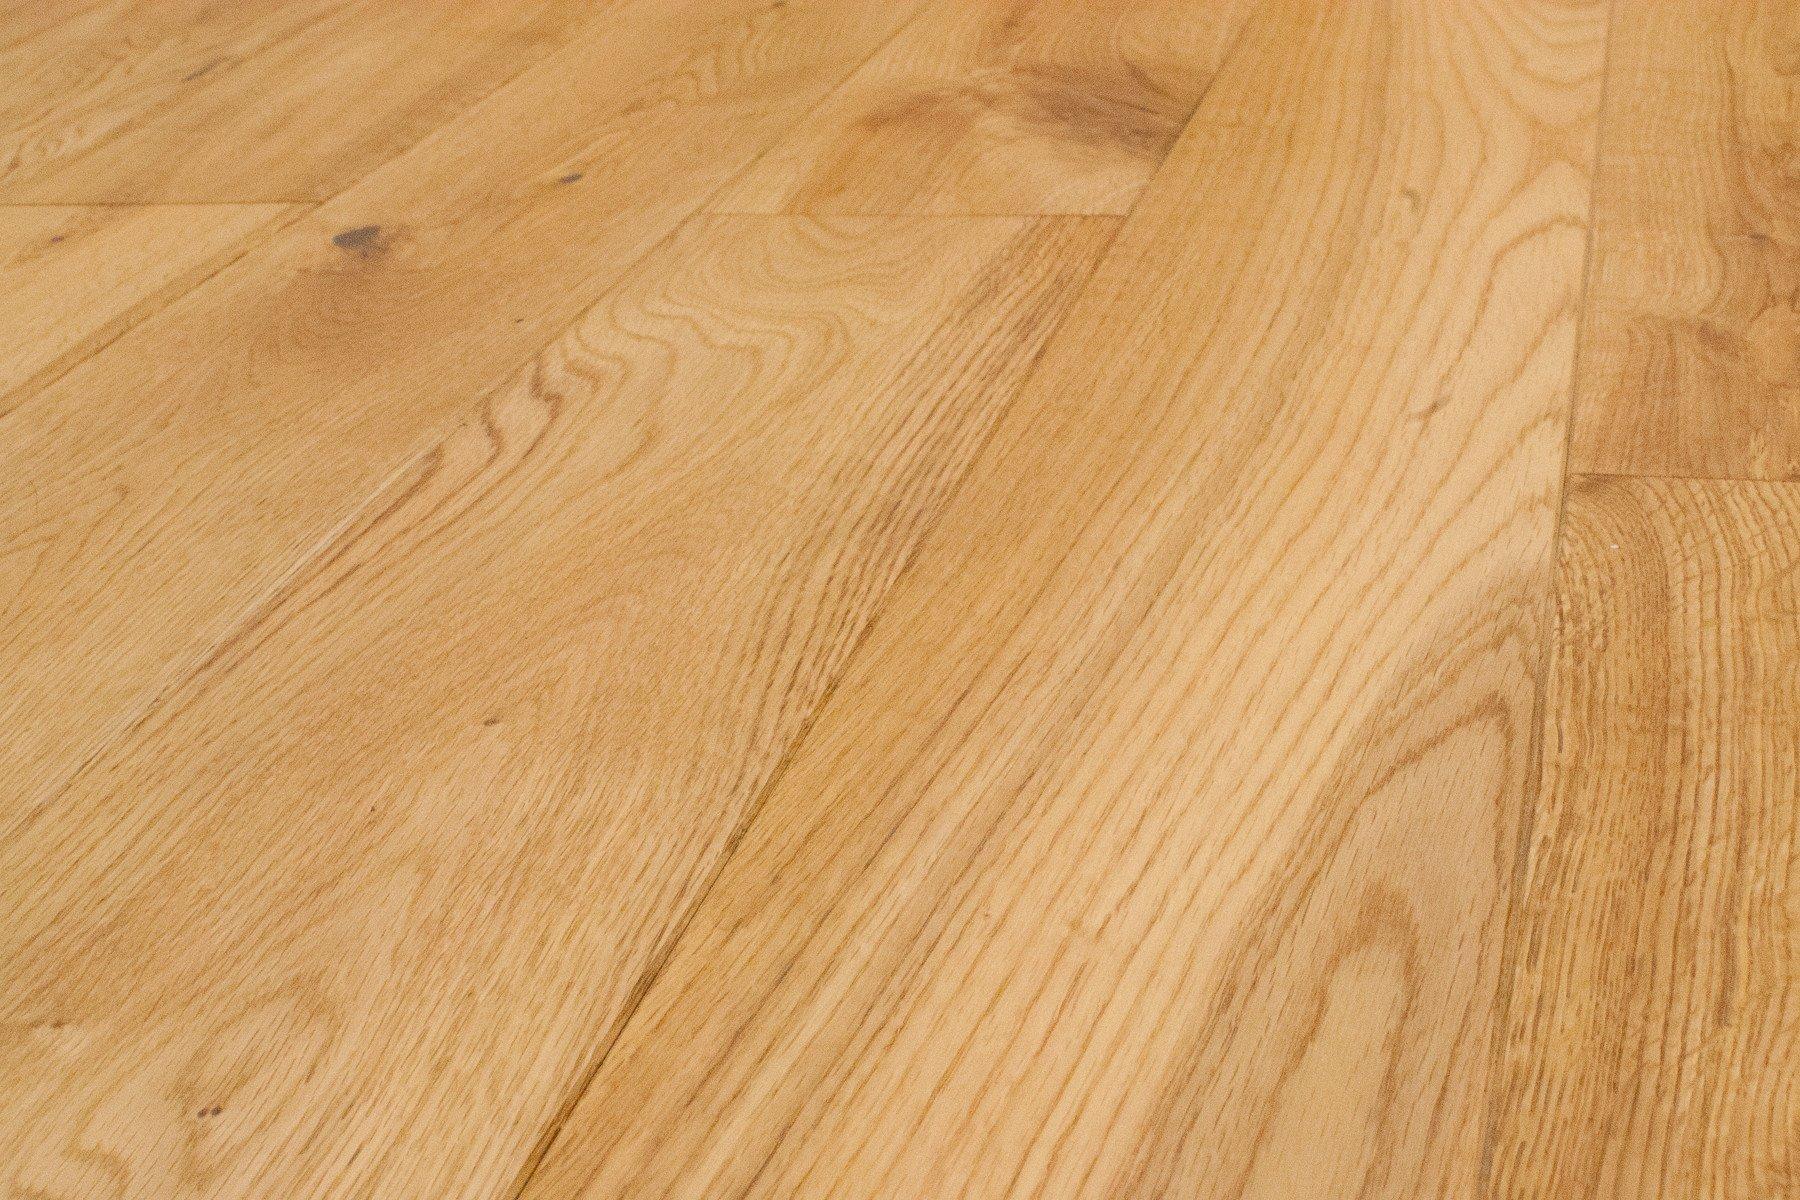 solid hardwood flooring natural oak - solid white oak floating hardwood floor, easyclip easy clip - AQJDMKH